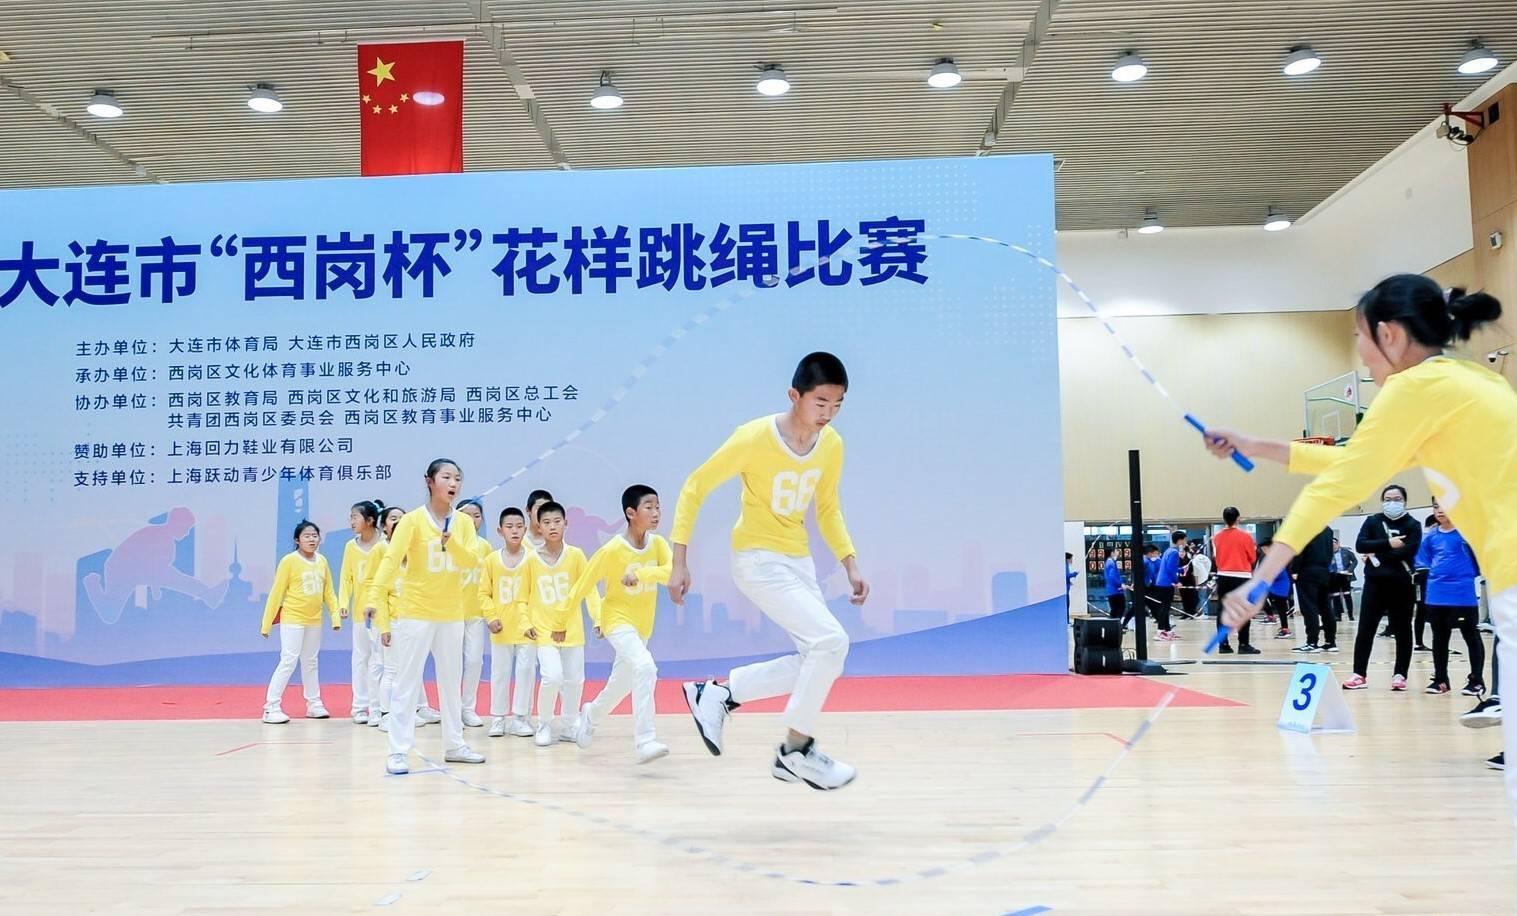 大连举行市级花样跳绳比赛 28支代表队600余人参赛